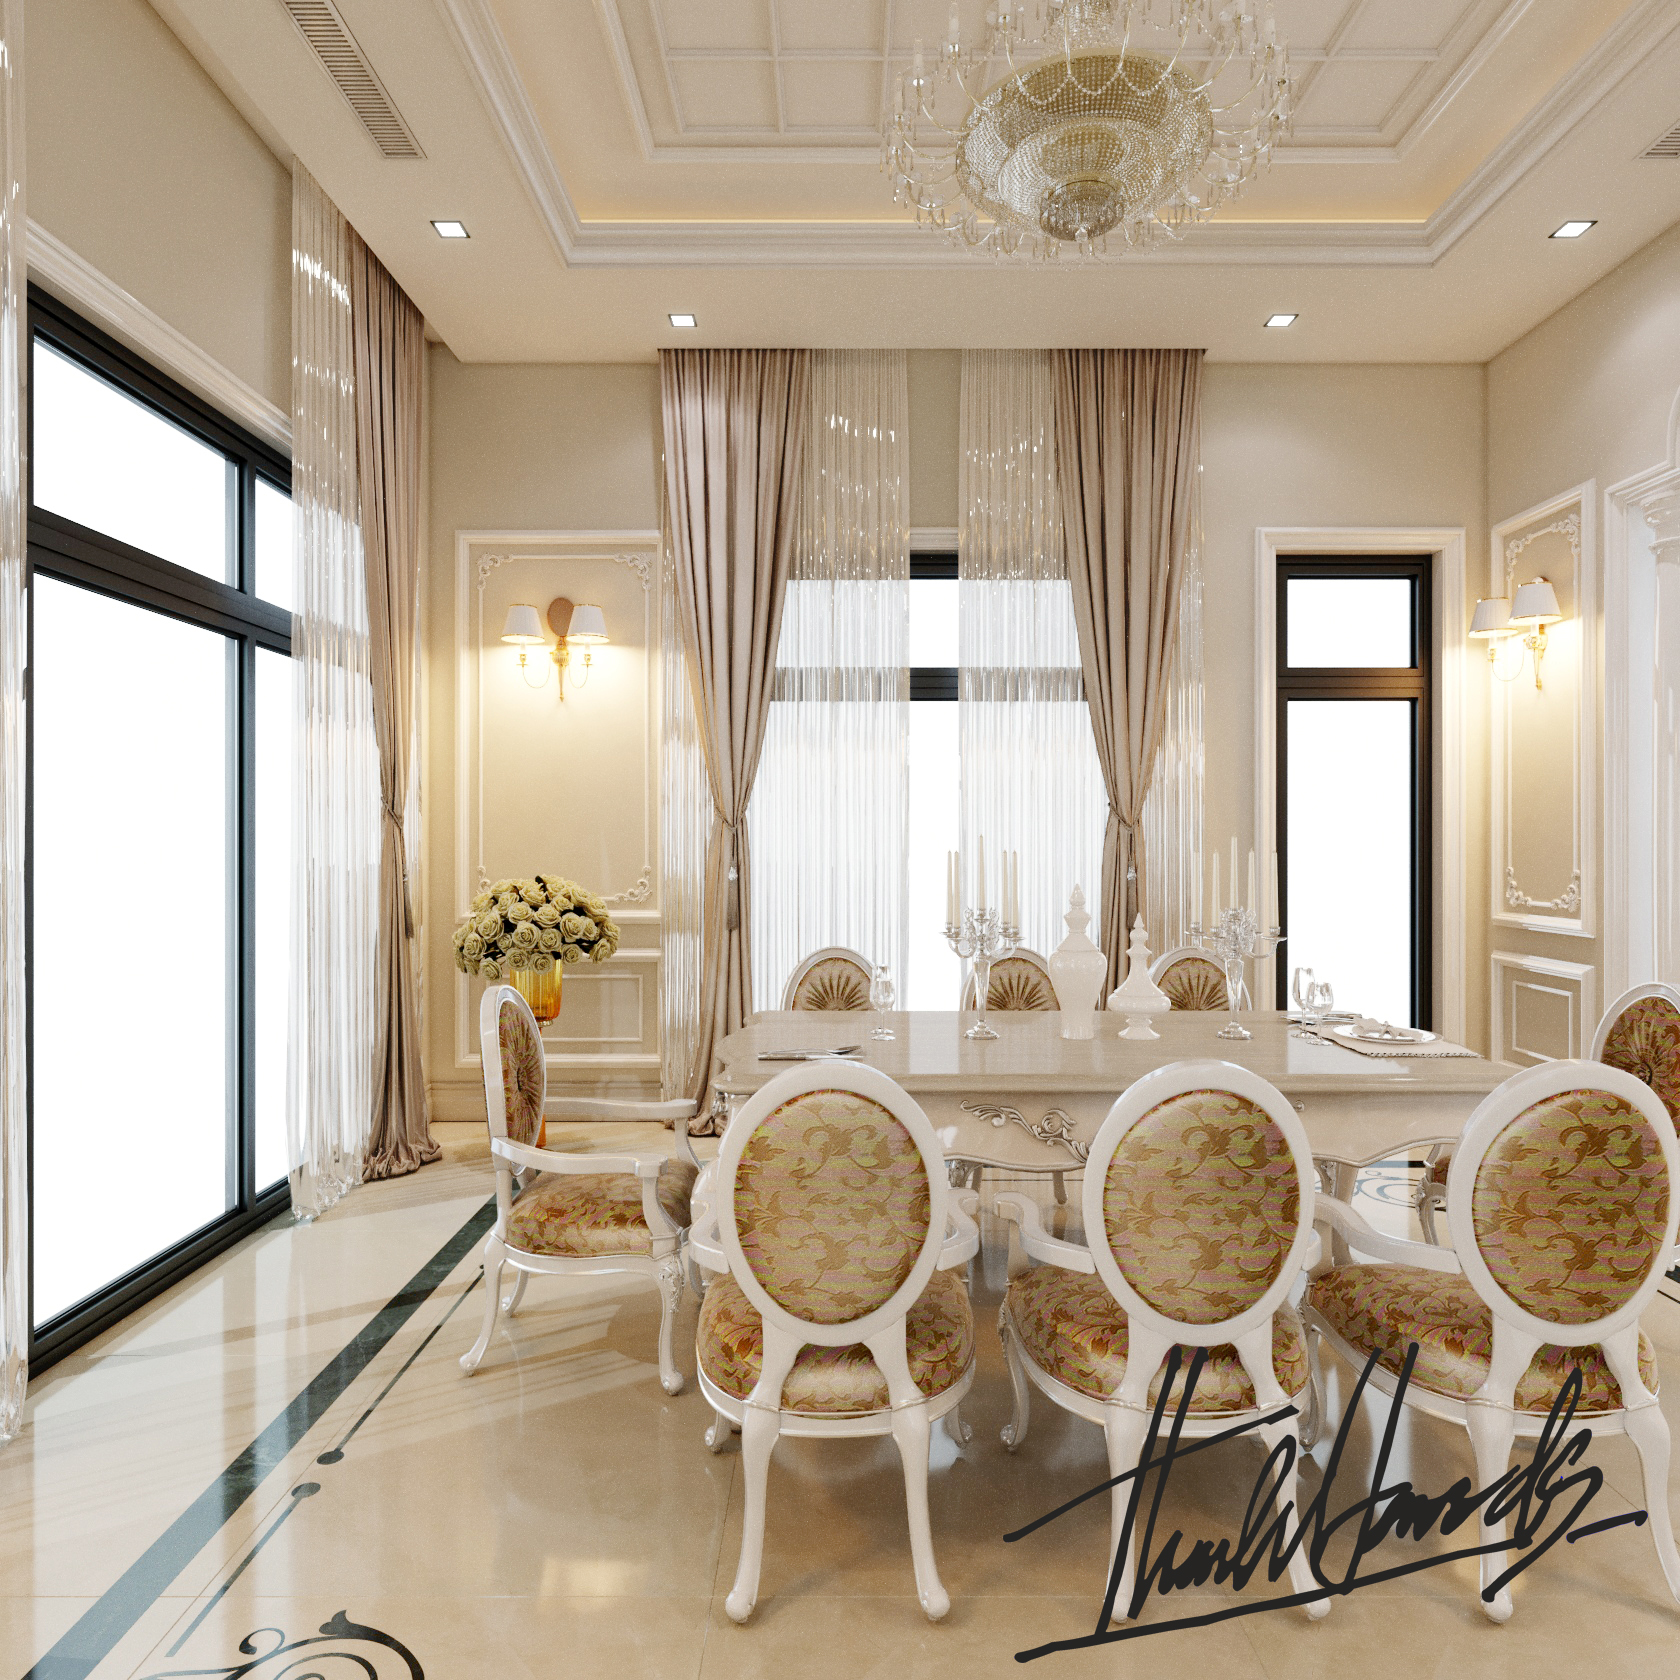 thiết kế nội thất Biệt Thự tại Hải Phòng Biệt thự Vinhomes - imperia ( khu MHT) 20 1568275631